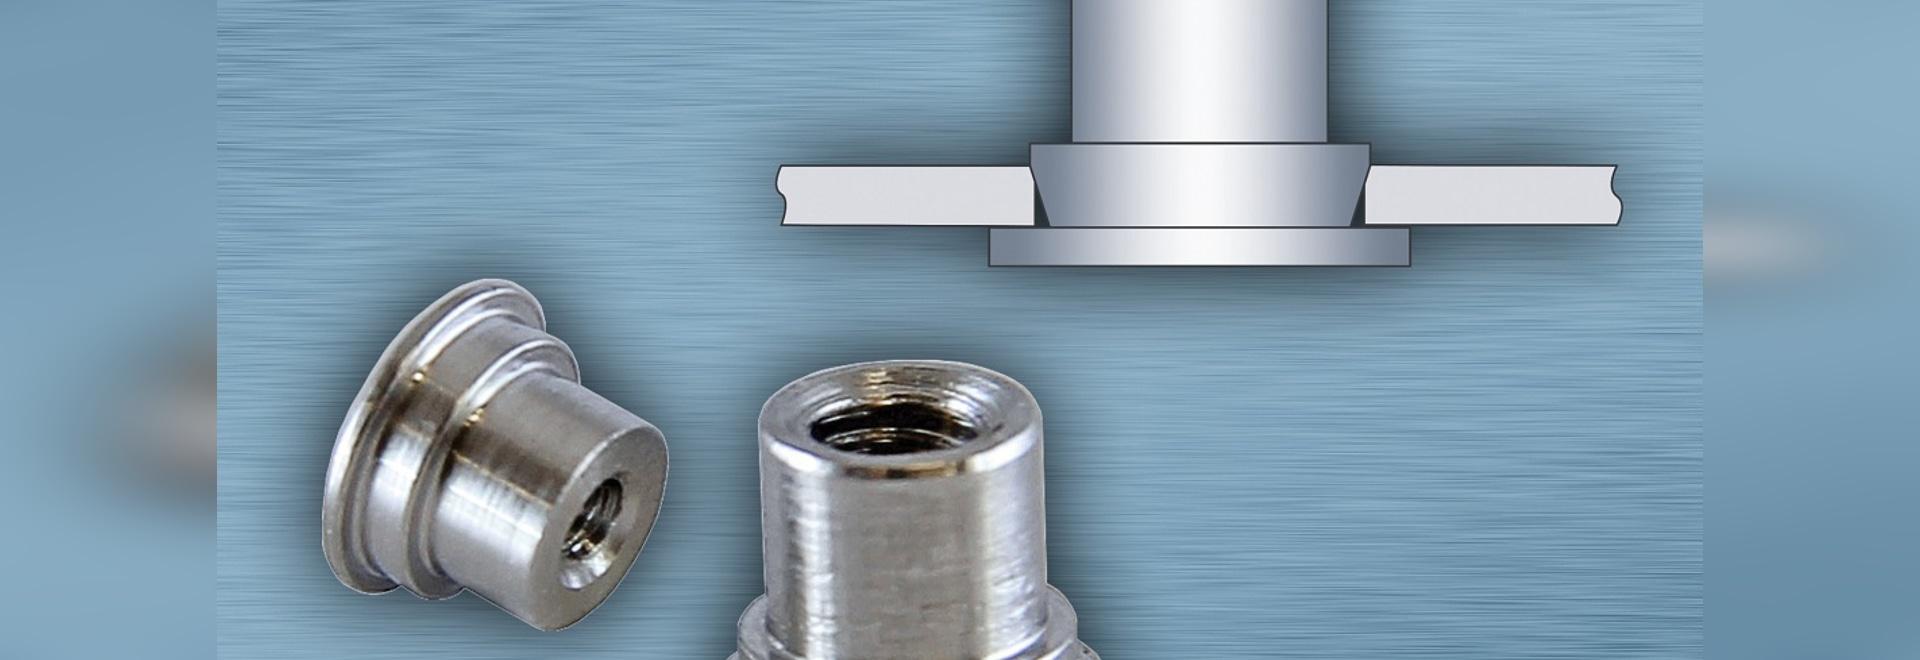 Miniature fastener solutions